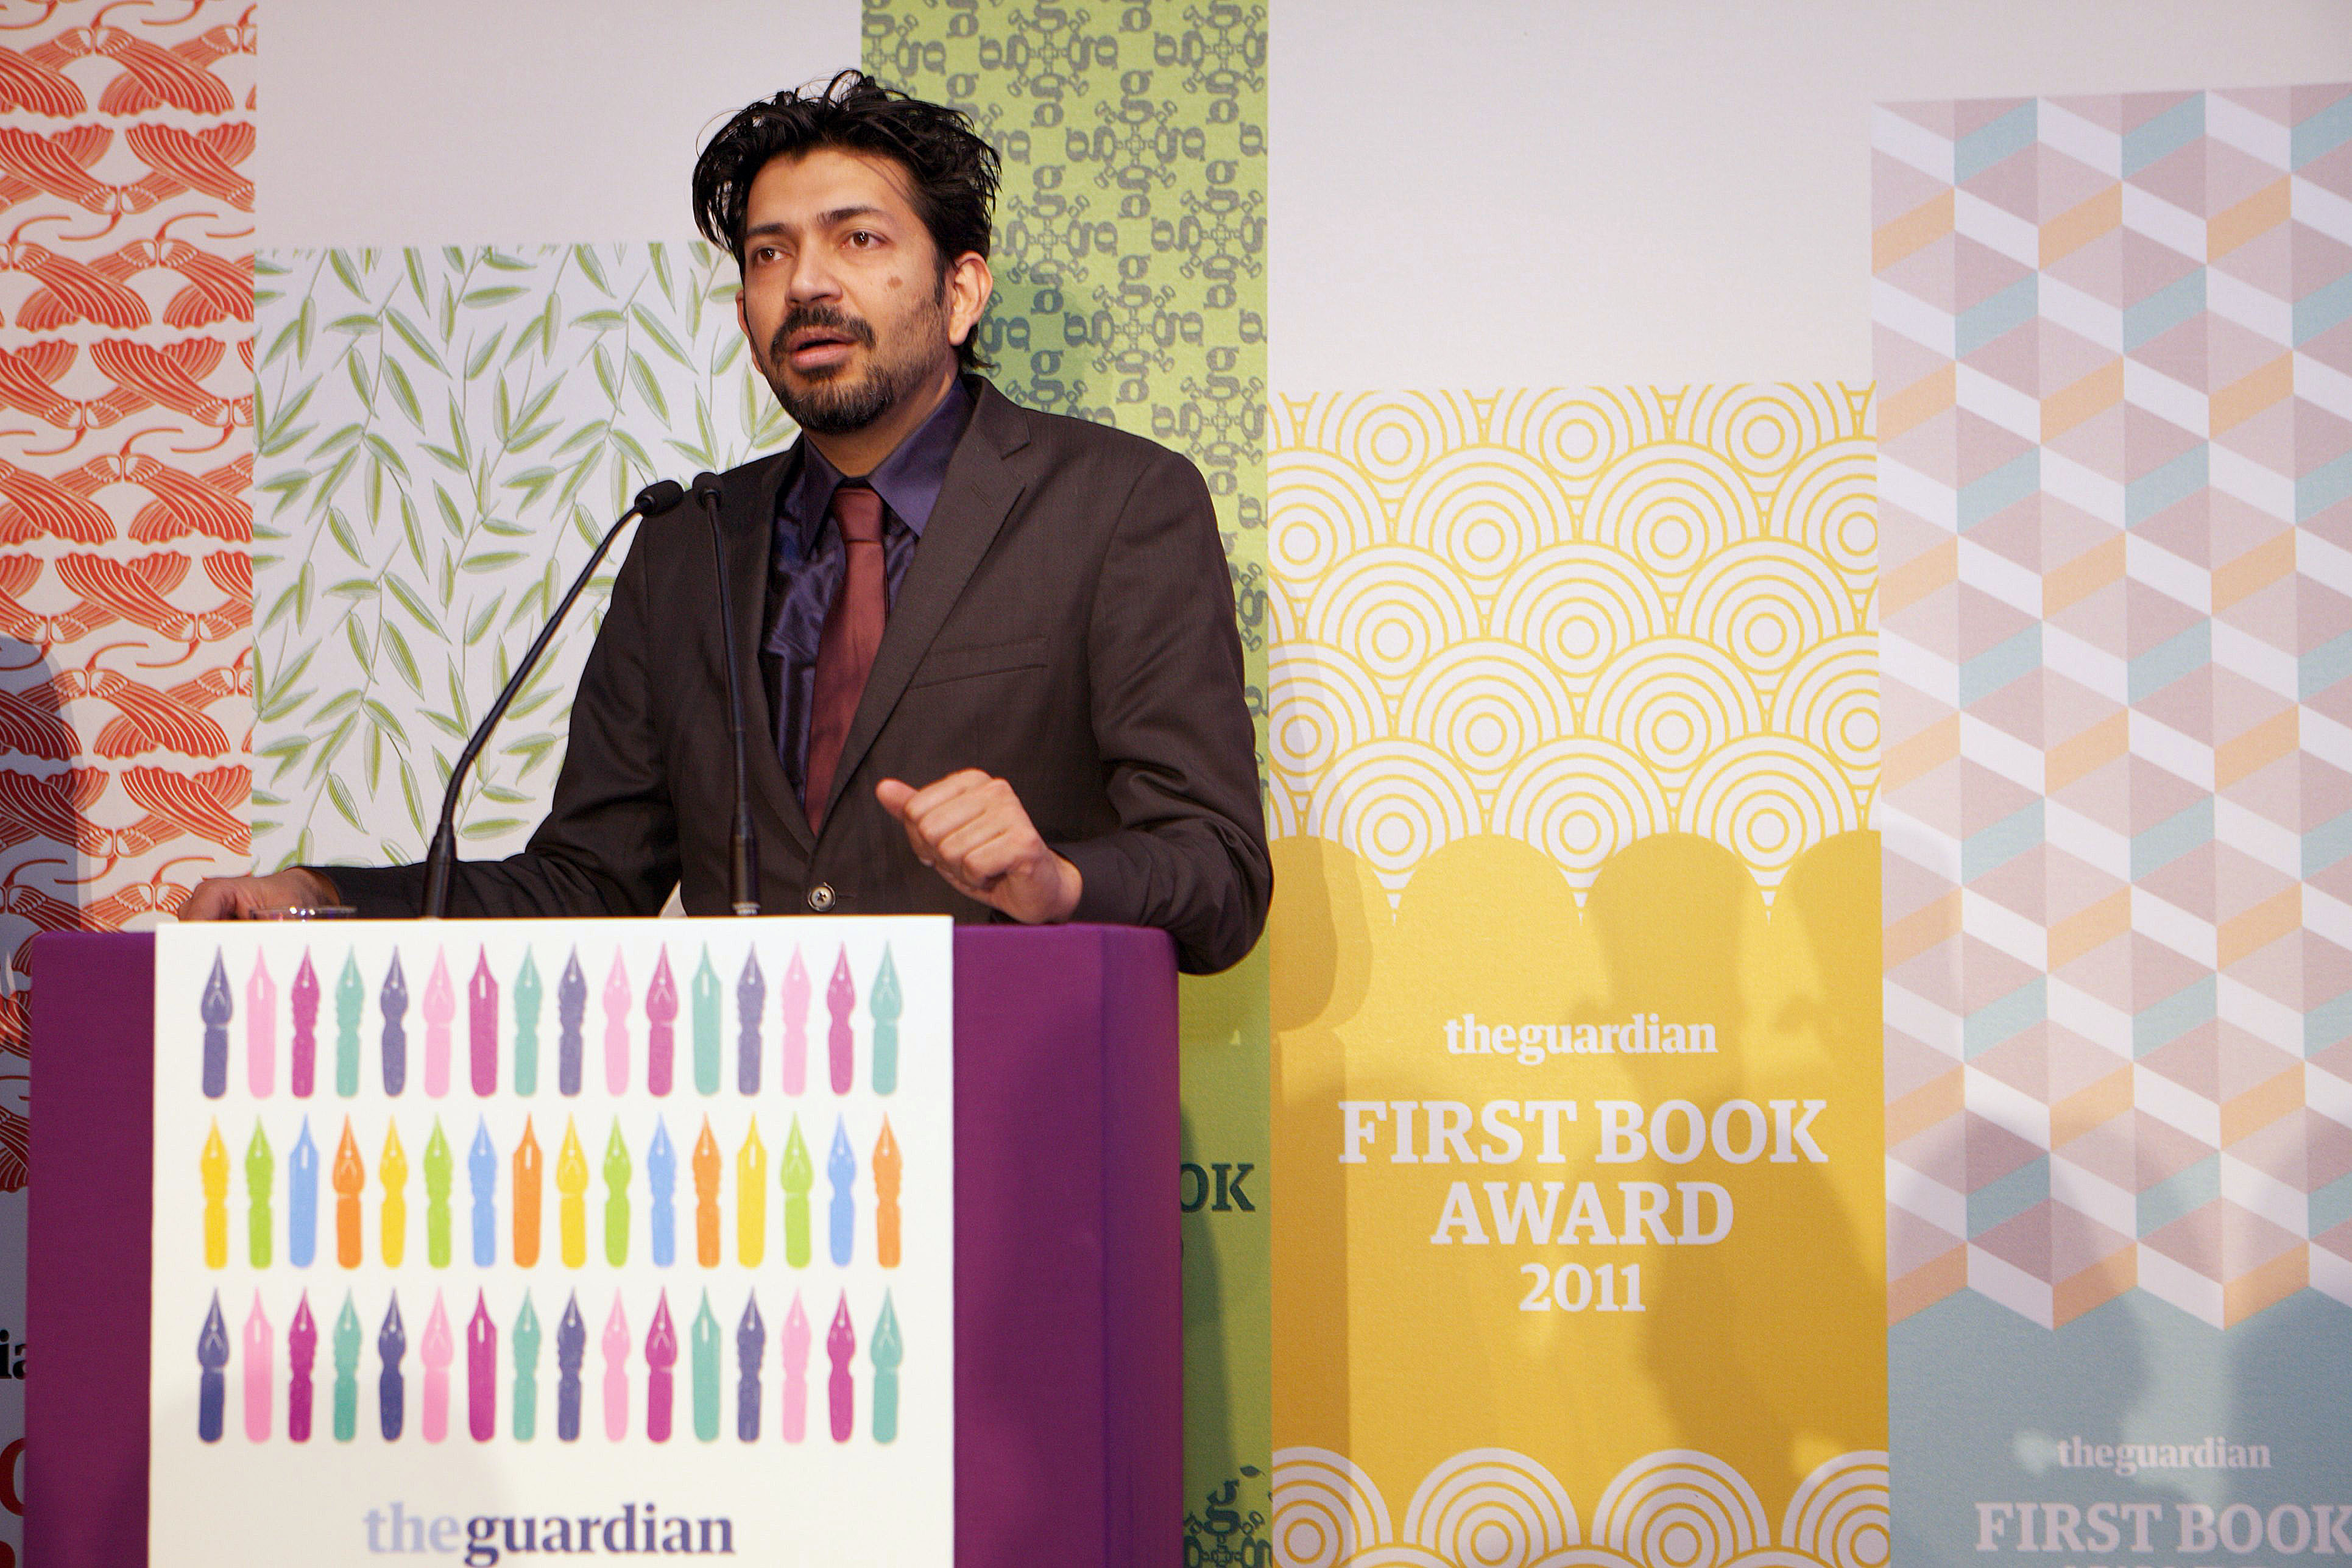 Guardian First Book Award